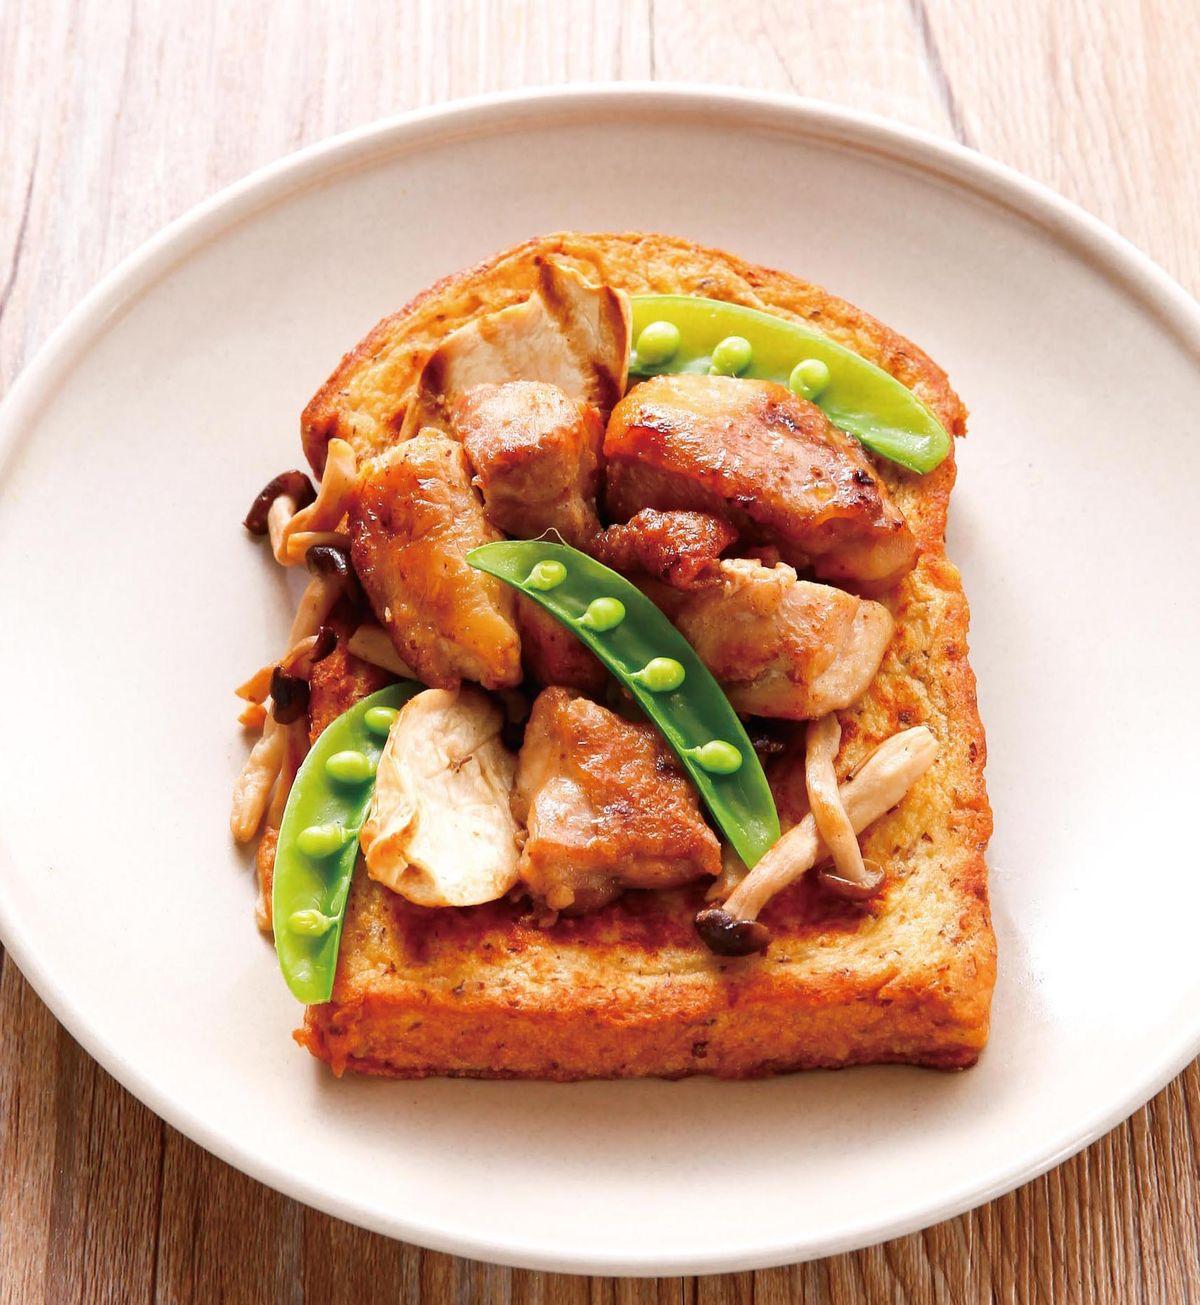 食譜:鹽燒鮮菇嫩雞佐法式土司